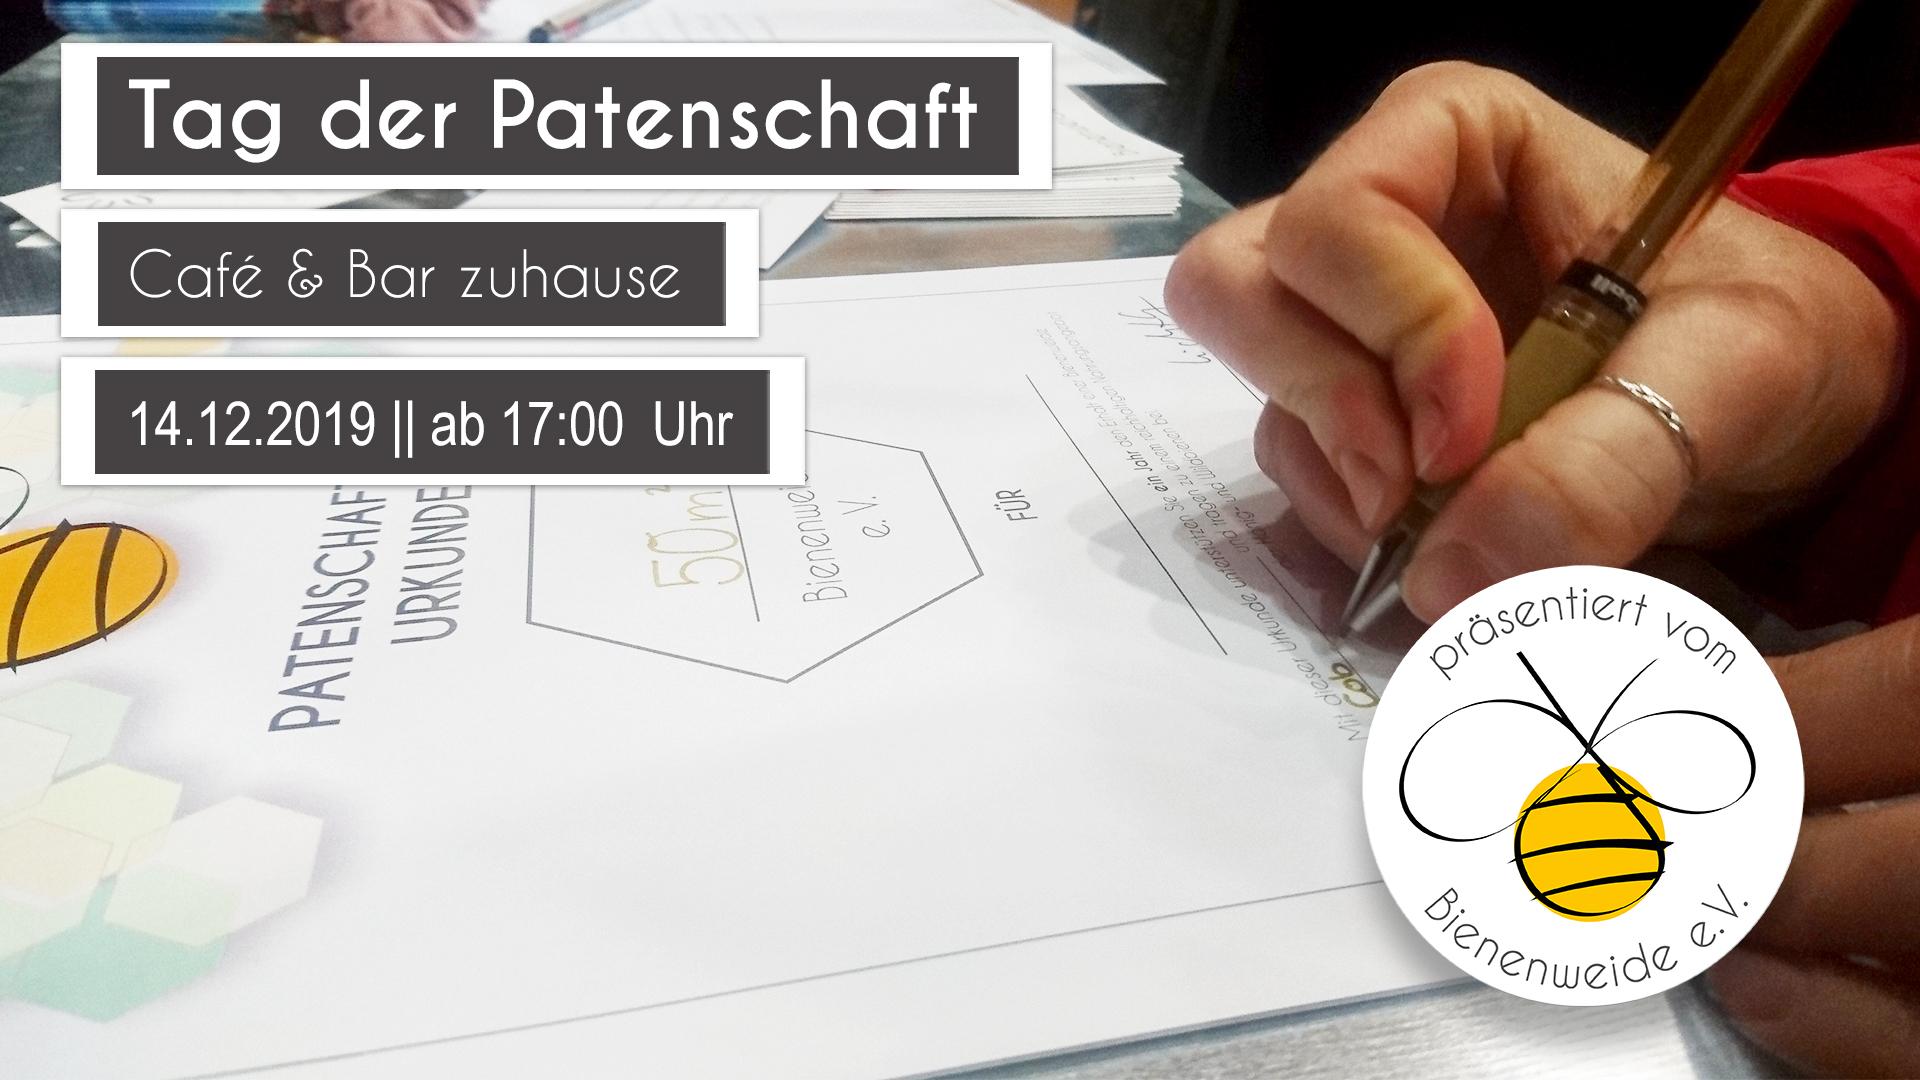 2019-12-14-Tag der Patenschaft Zuhause_2